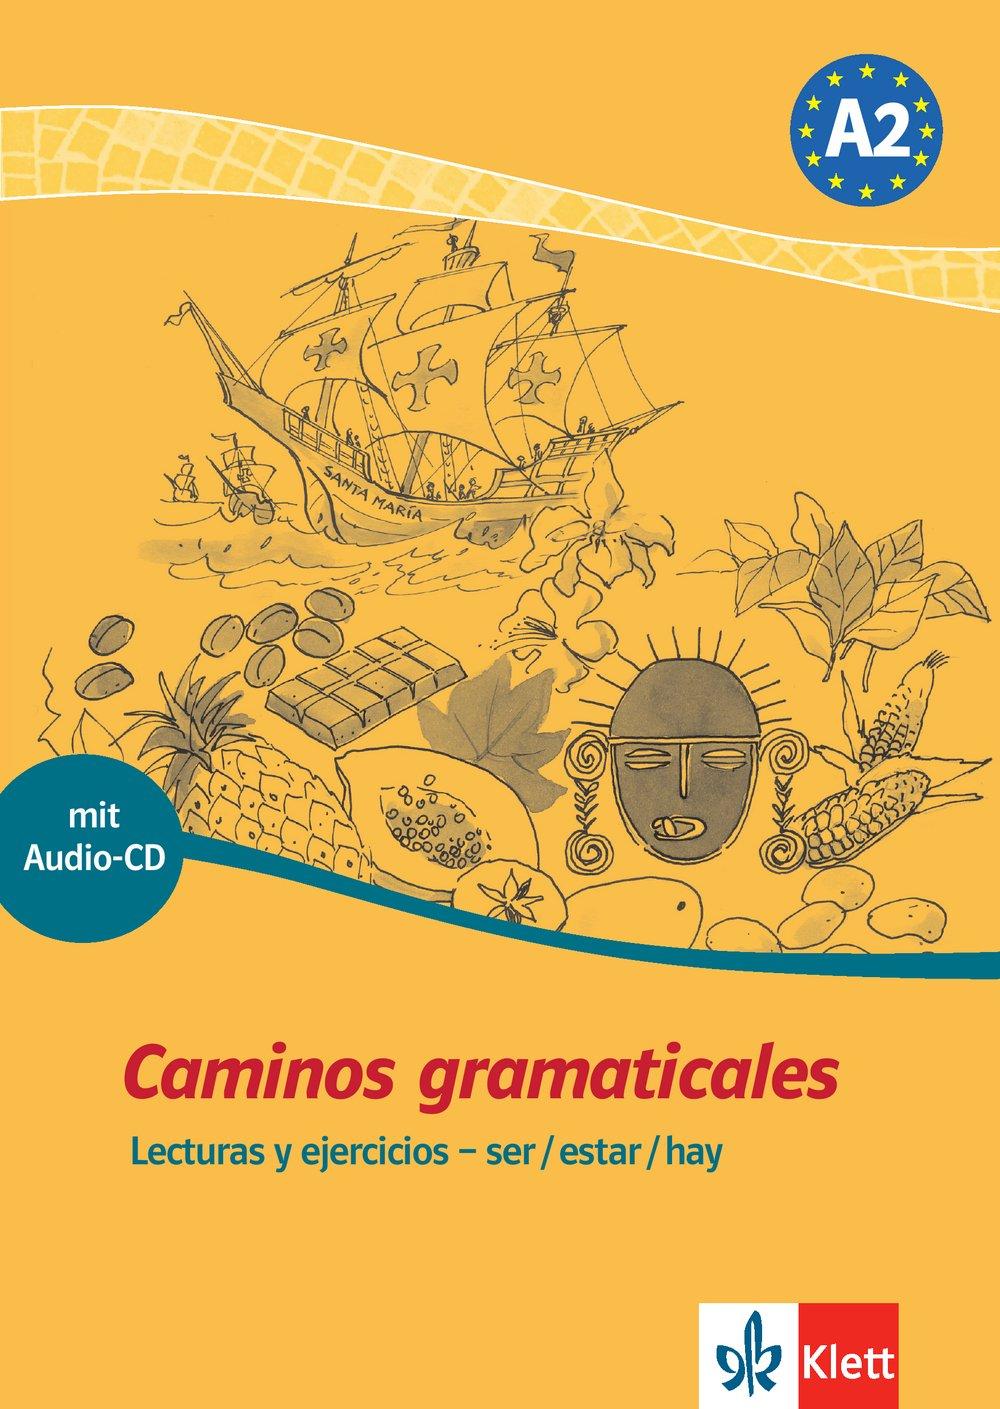 Caminos gramaticales A2: Lecturas y ejercicios - ser/estar/hay. Heft + Audio-CD